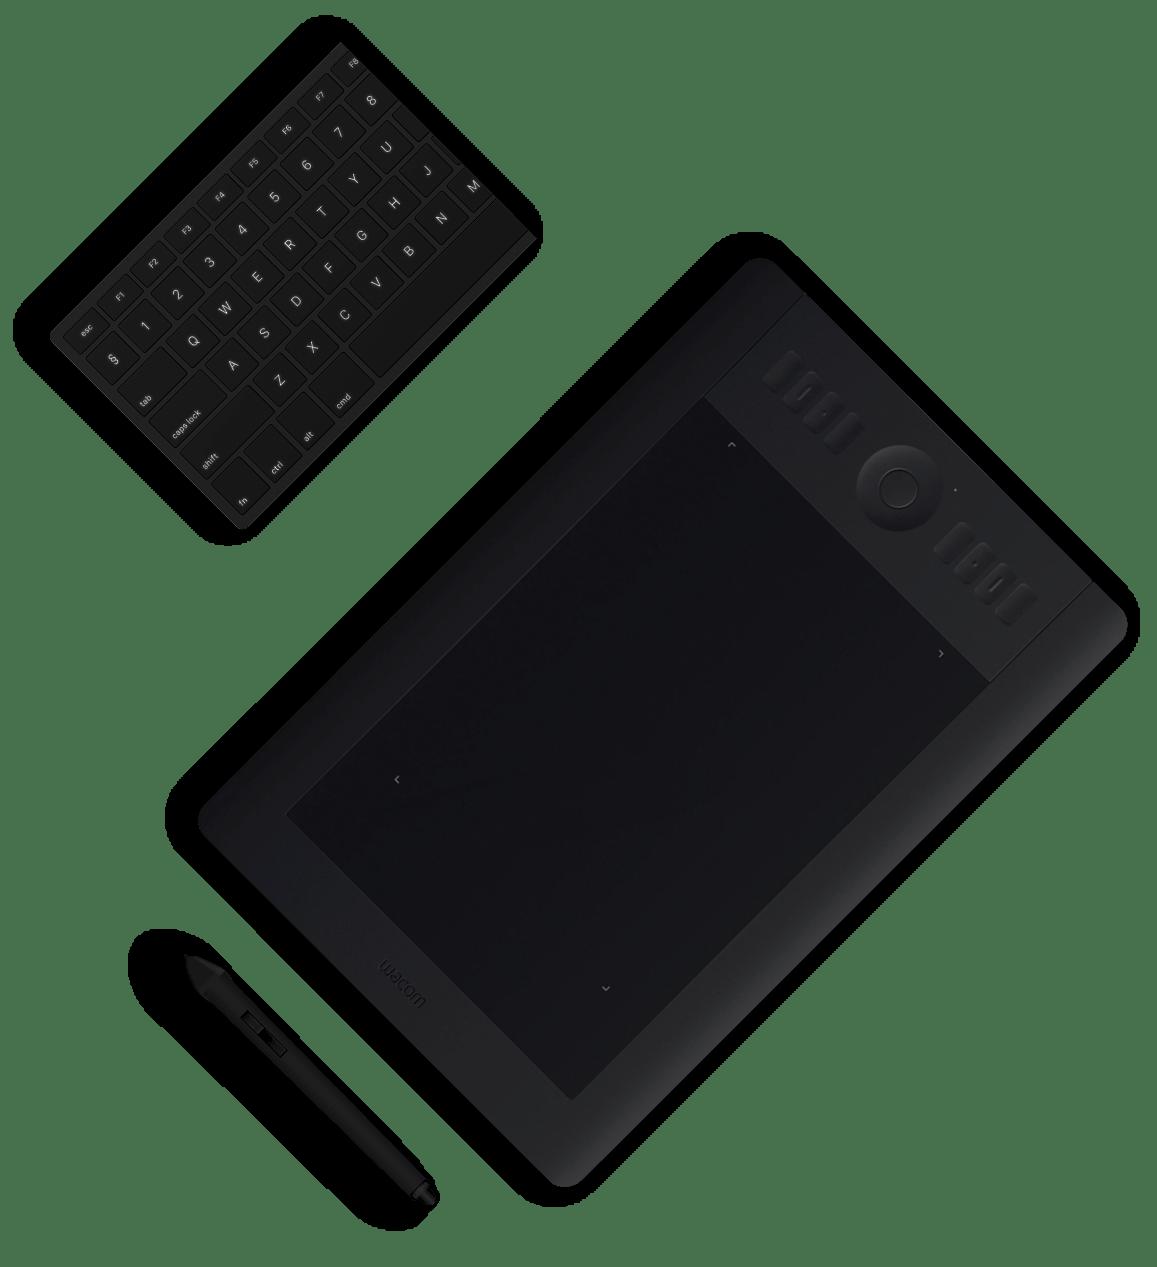 Une tablette graphique et un clavier